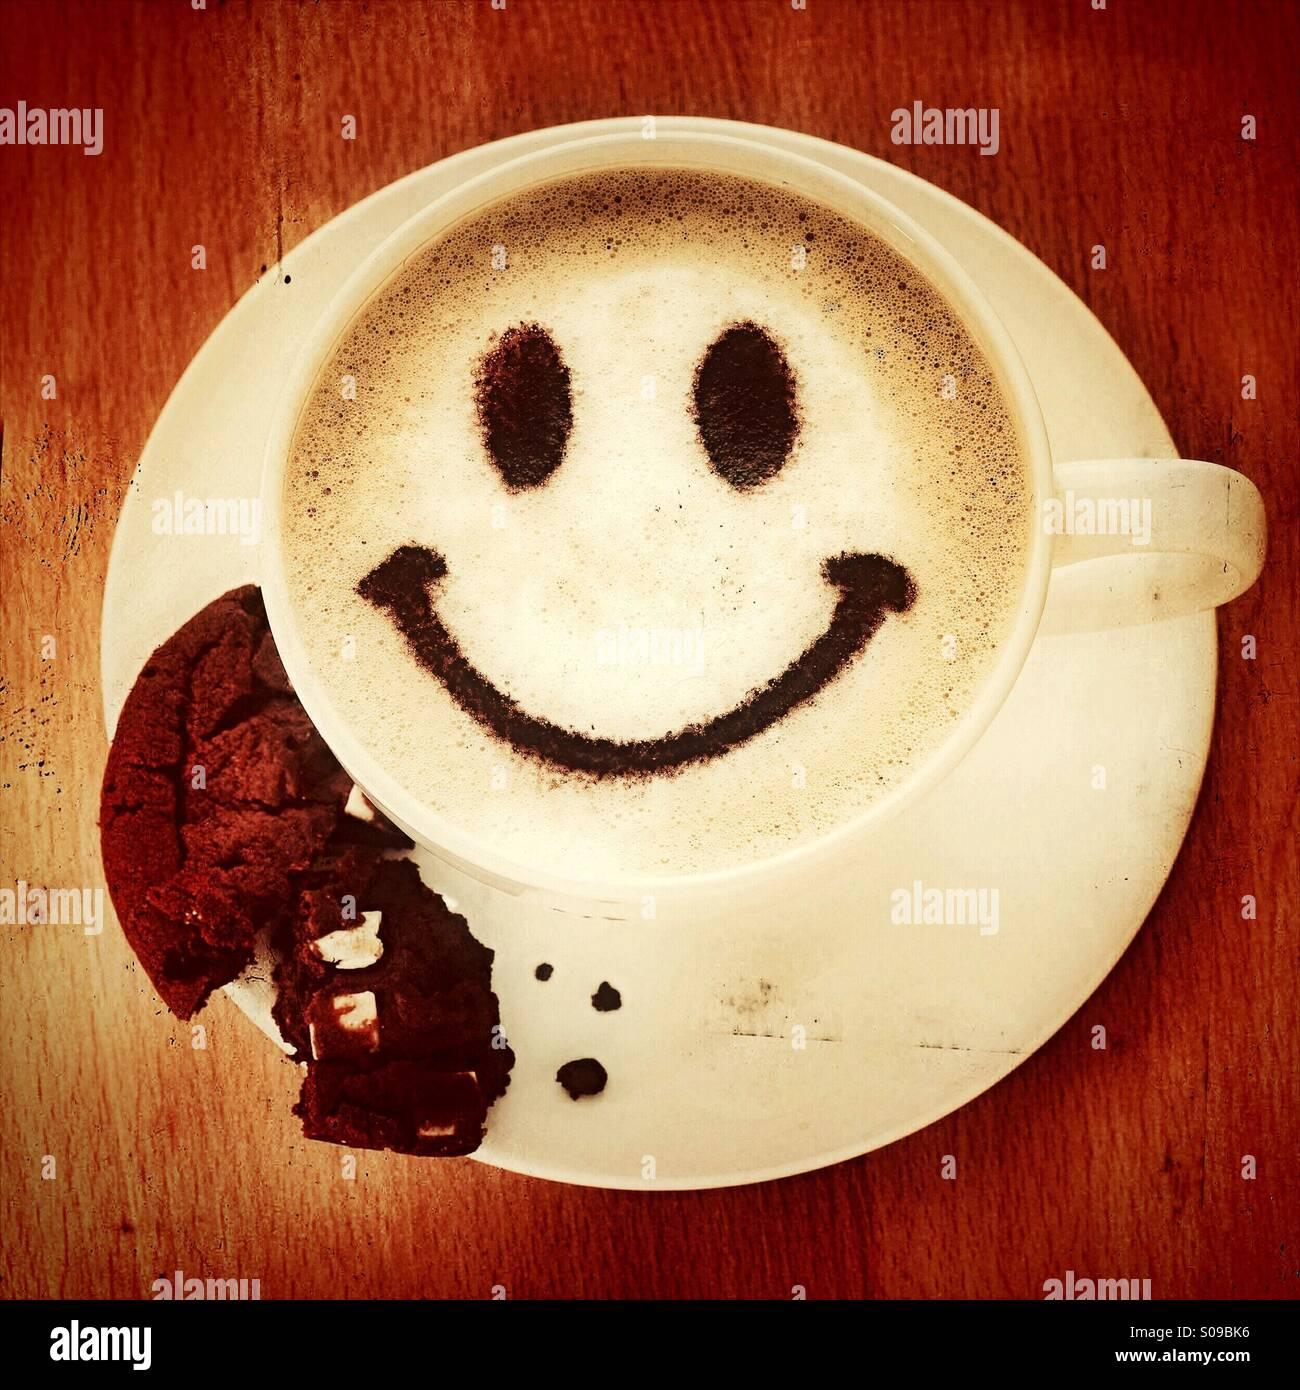 Coffee break - un capuchino con una cara sonriente y una galleta cookie Imagen De Stock